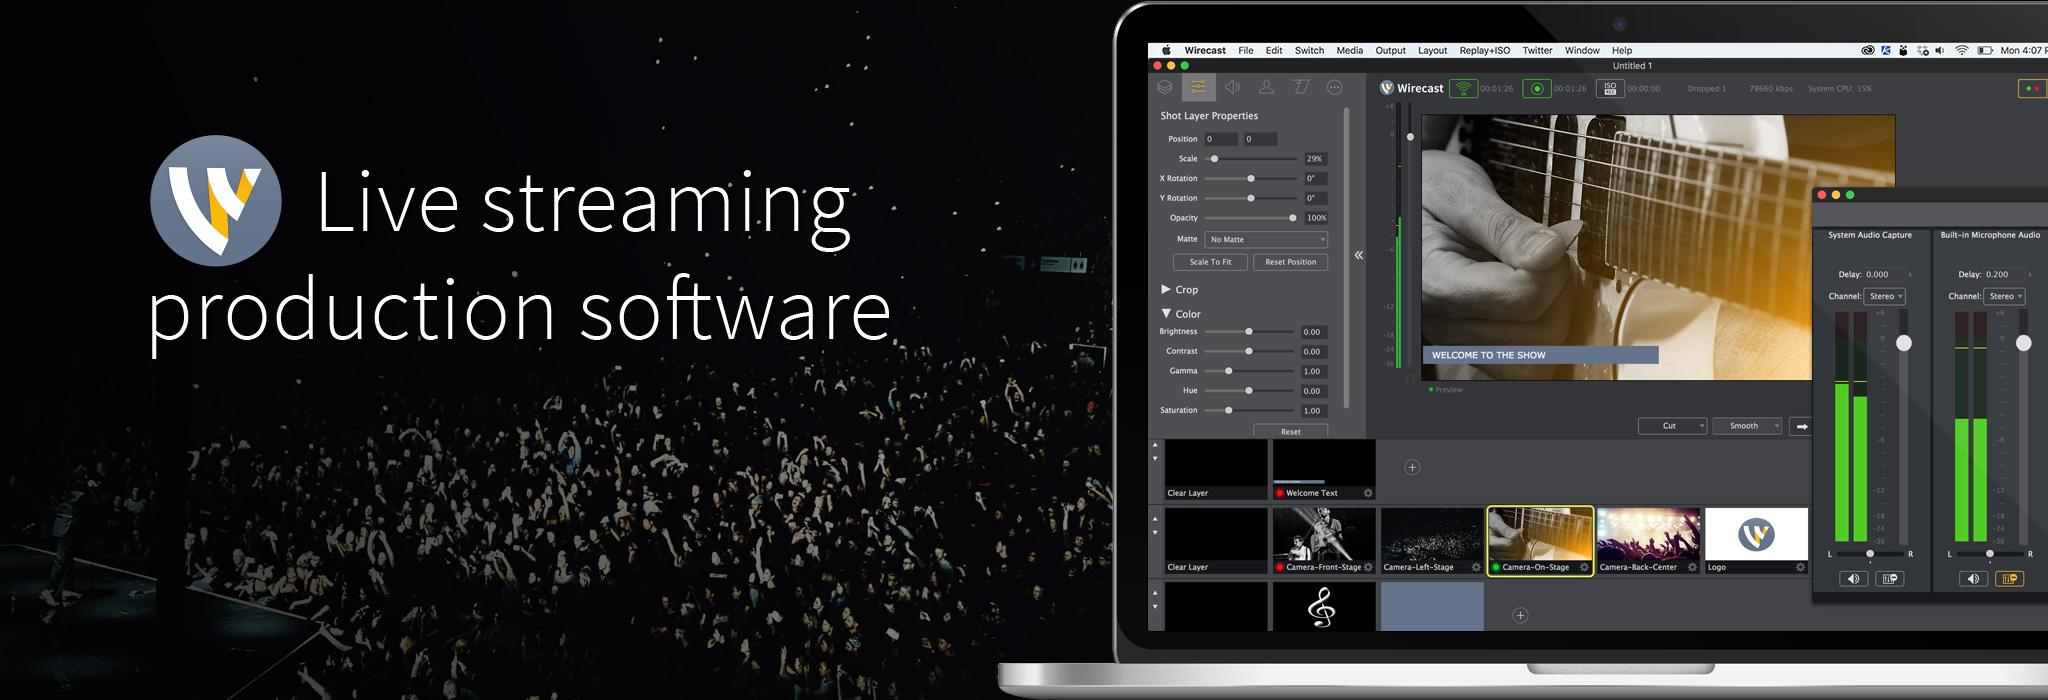 Wirecast Pro Mac 破解版 专业摄像直播视频工具